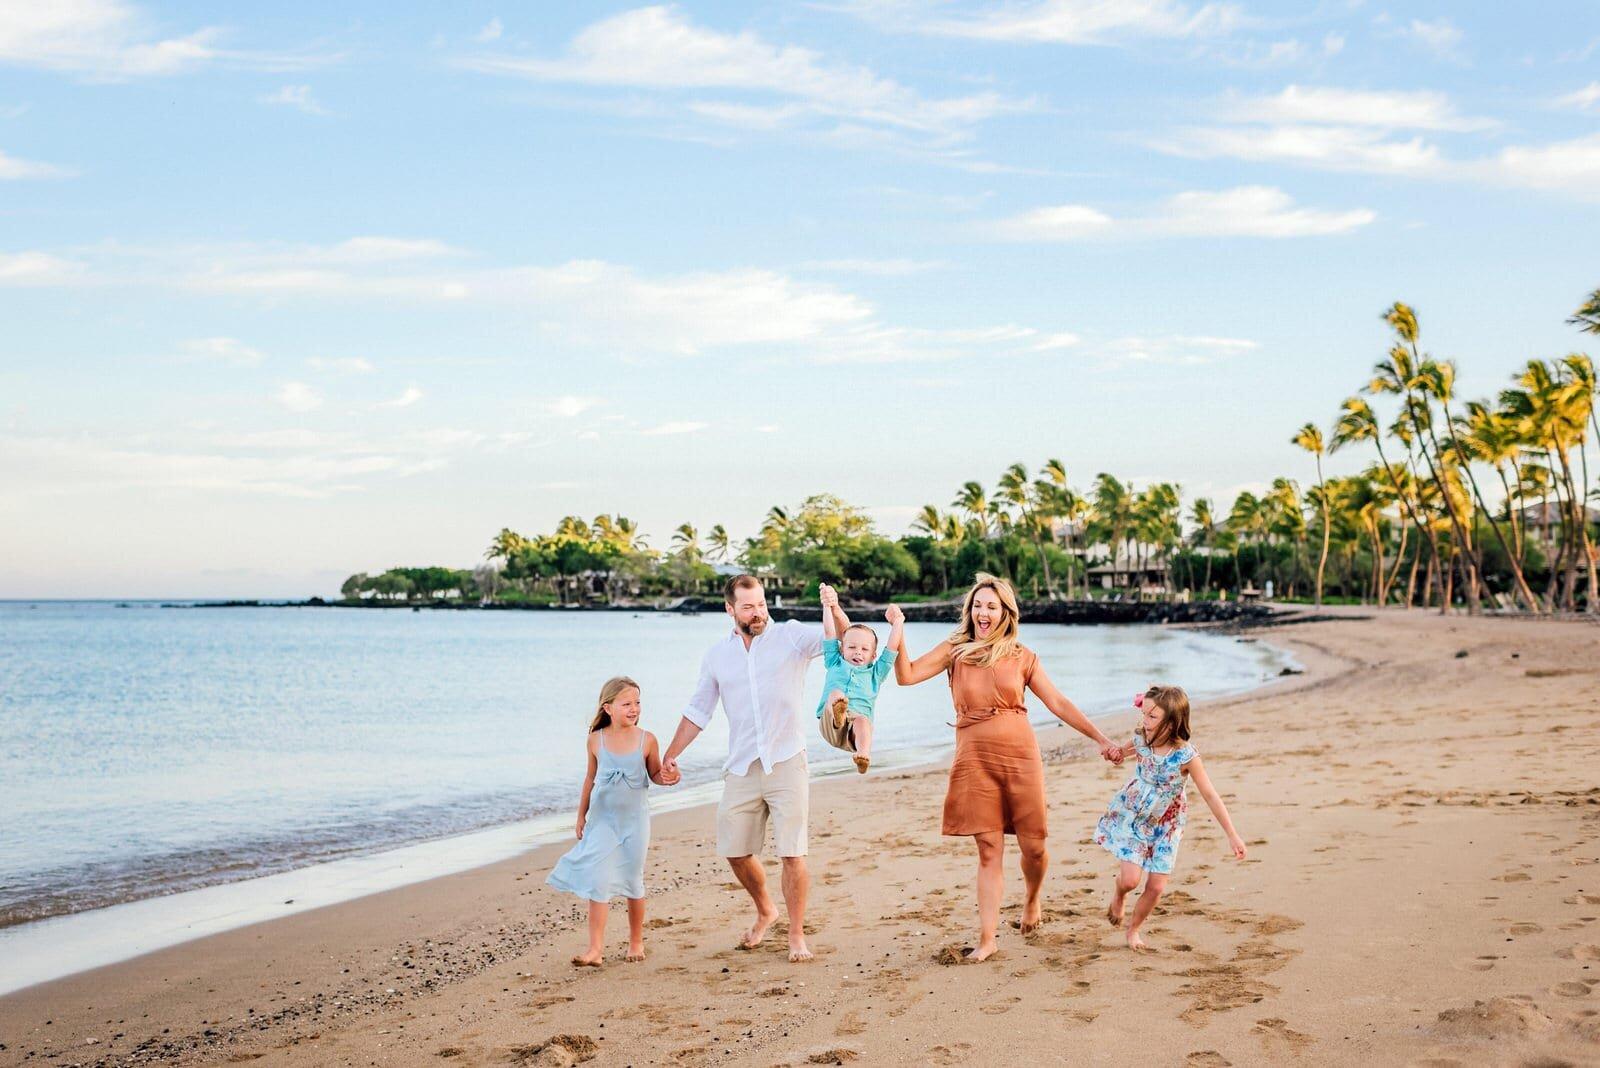 hawaii-family-photos-sunrise-6.jpg